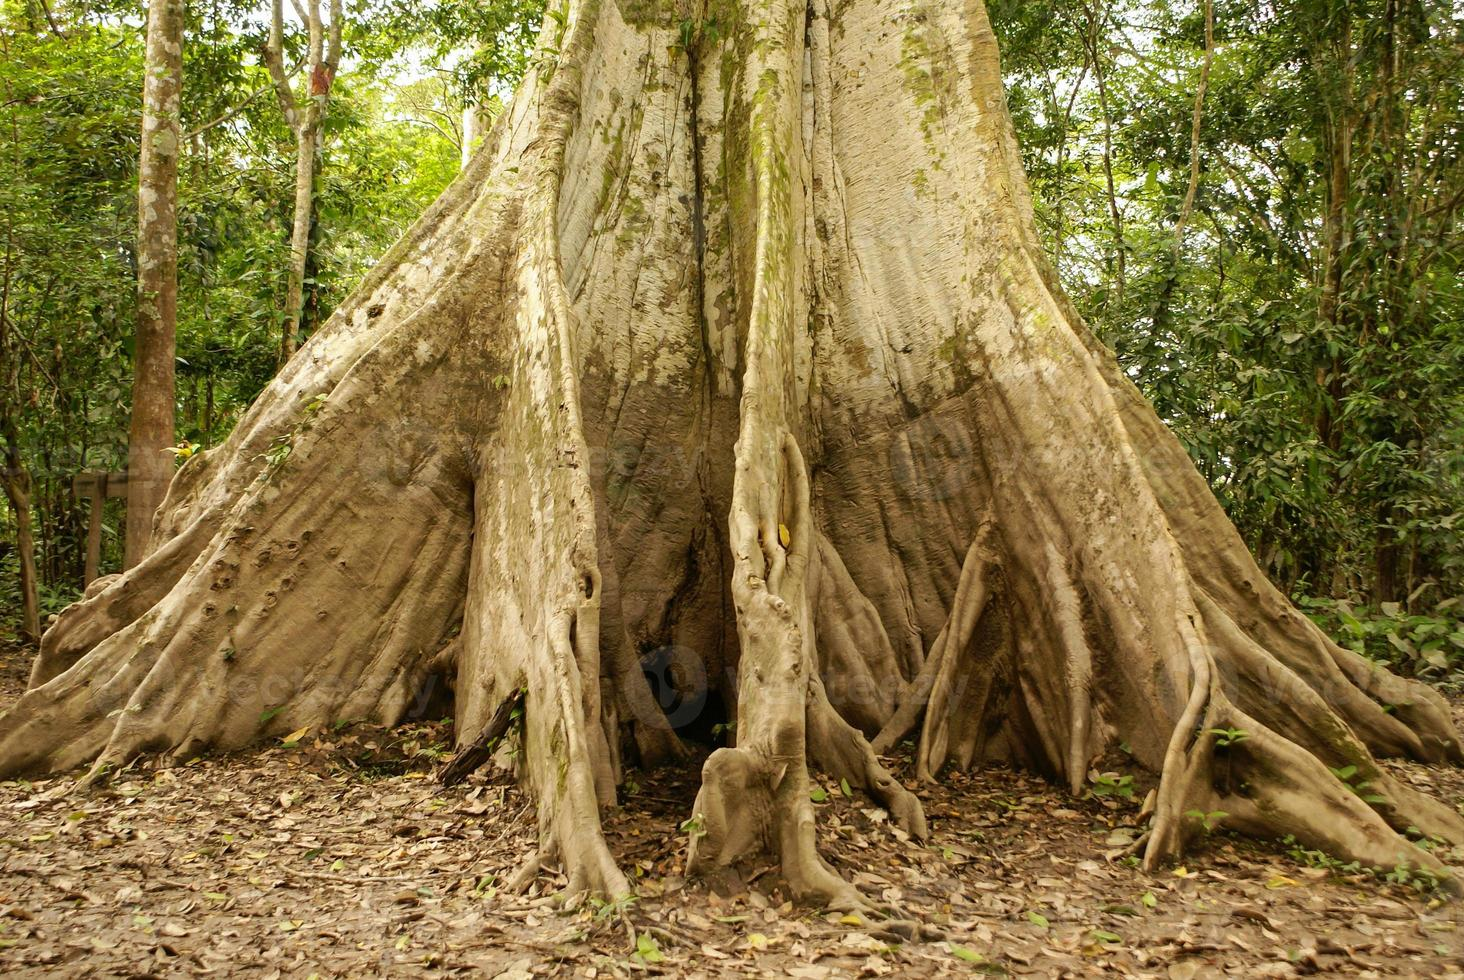 Amazonas-Dschungelbaum foto